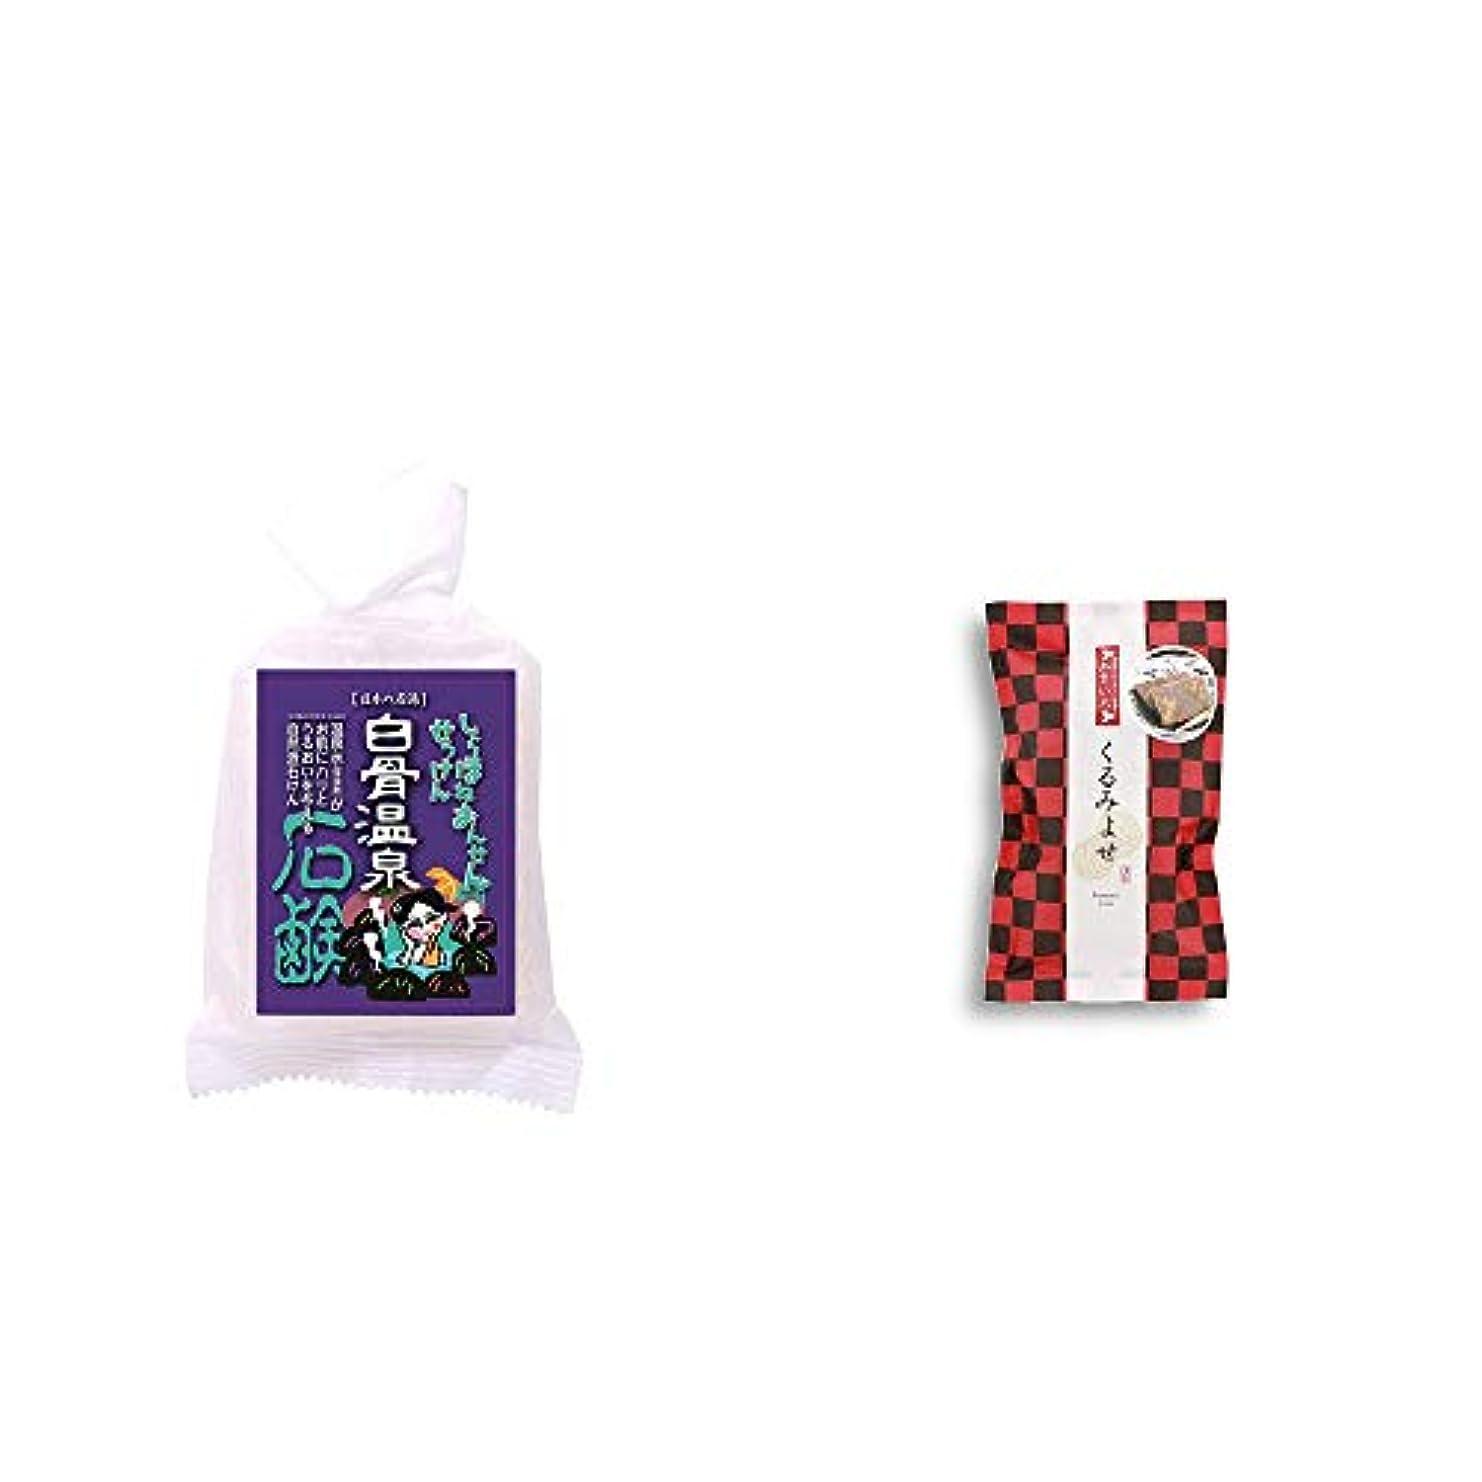 ドロー公演小石[2点セット] 信州 白骨温泉石鹸(80g)?くるみよせ(こし餡)(5個入)